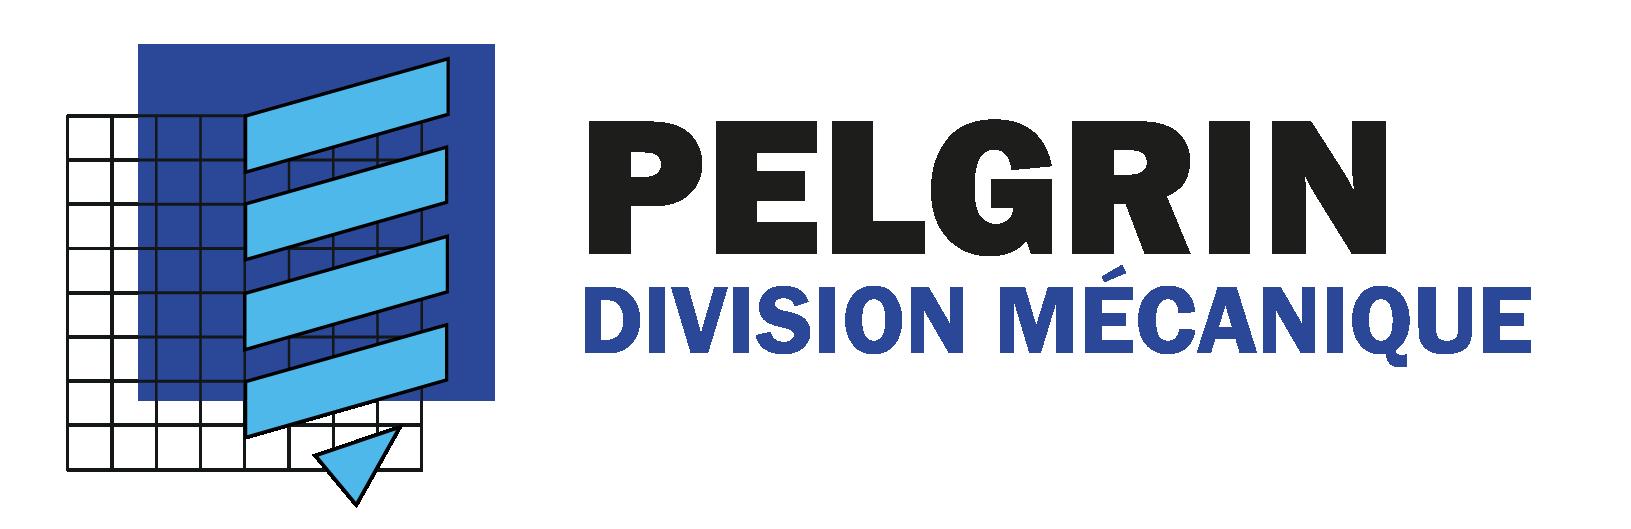 PELGRIN Division Mécanique